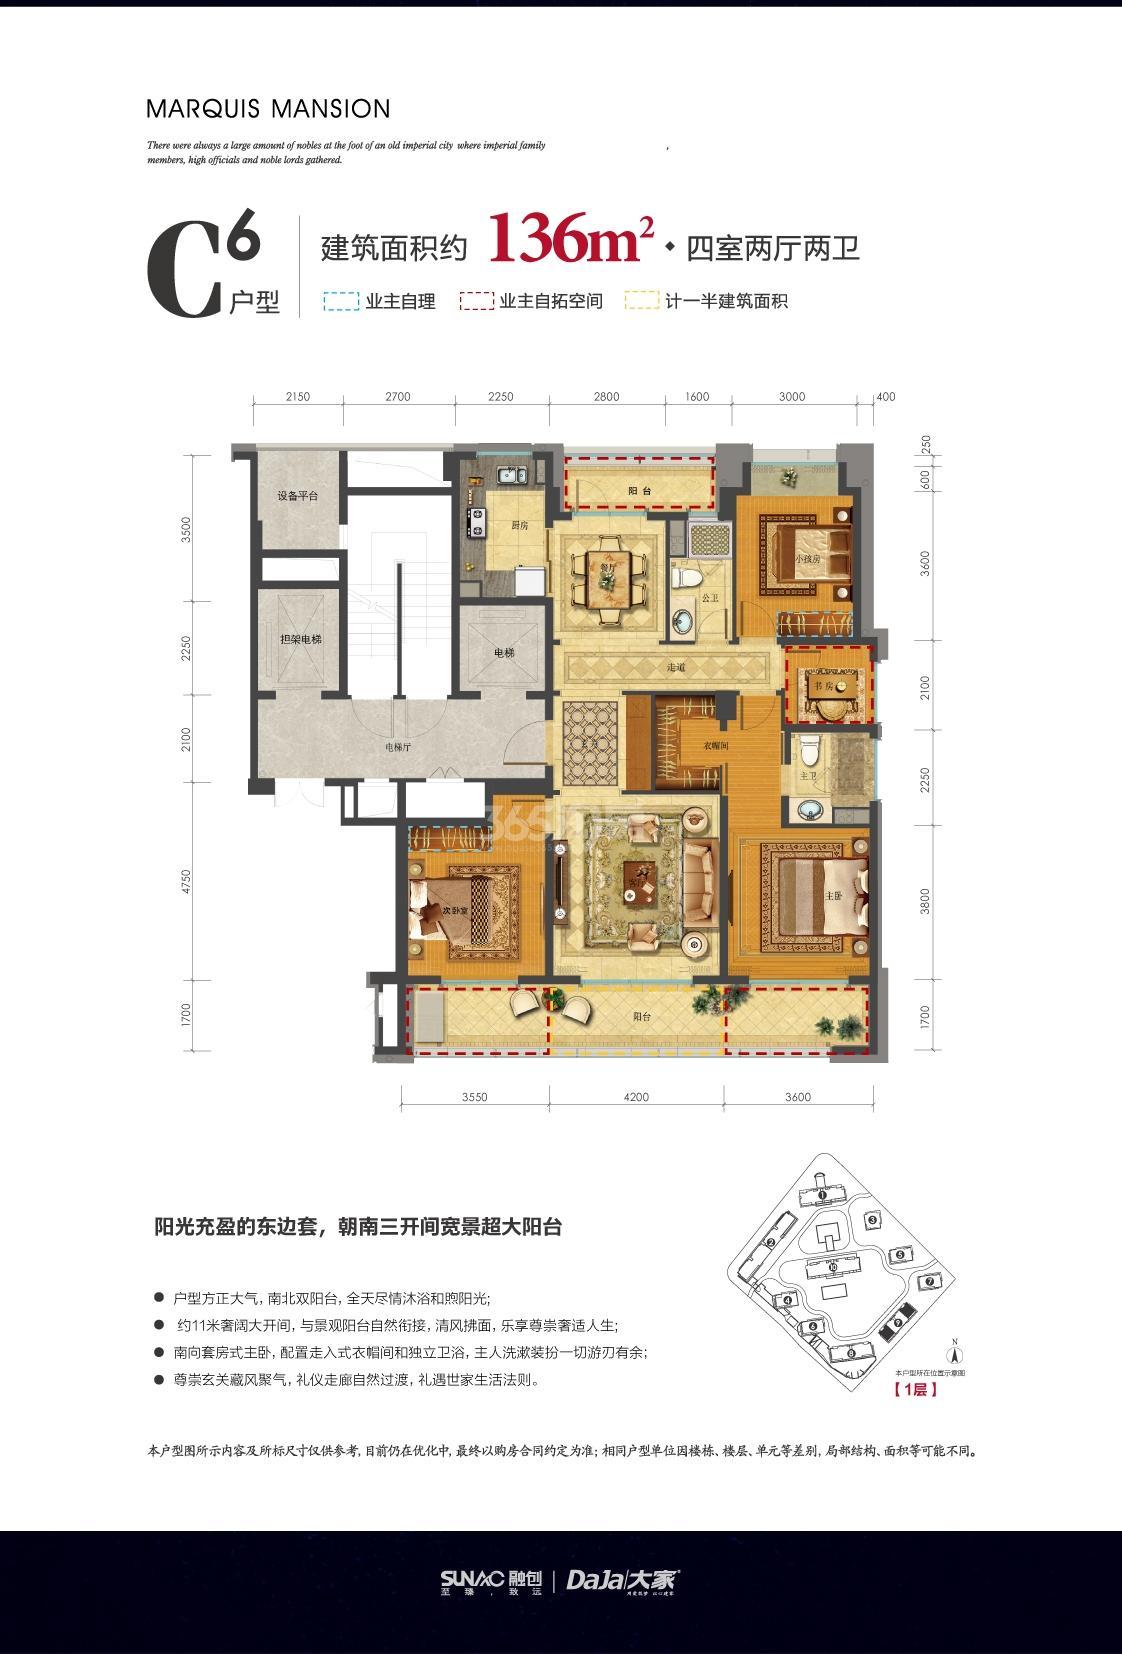 融创大家侯潮府项目9号楼1层边套C6户型 136㎡